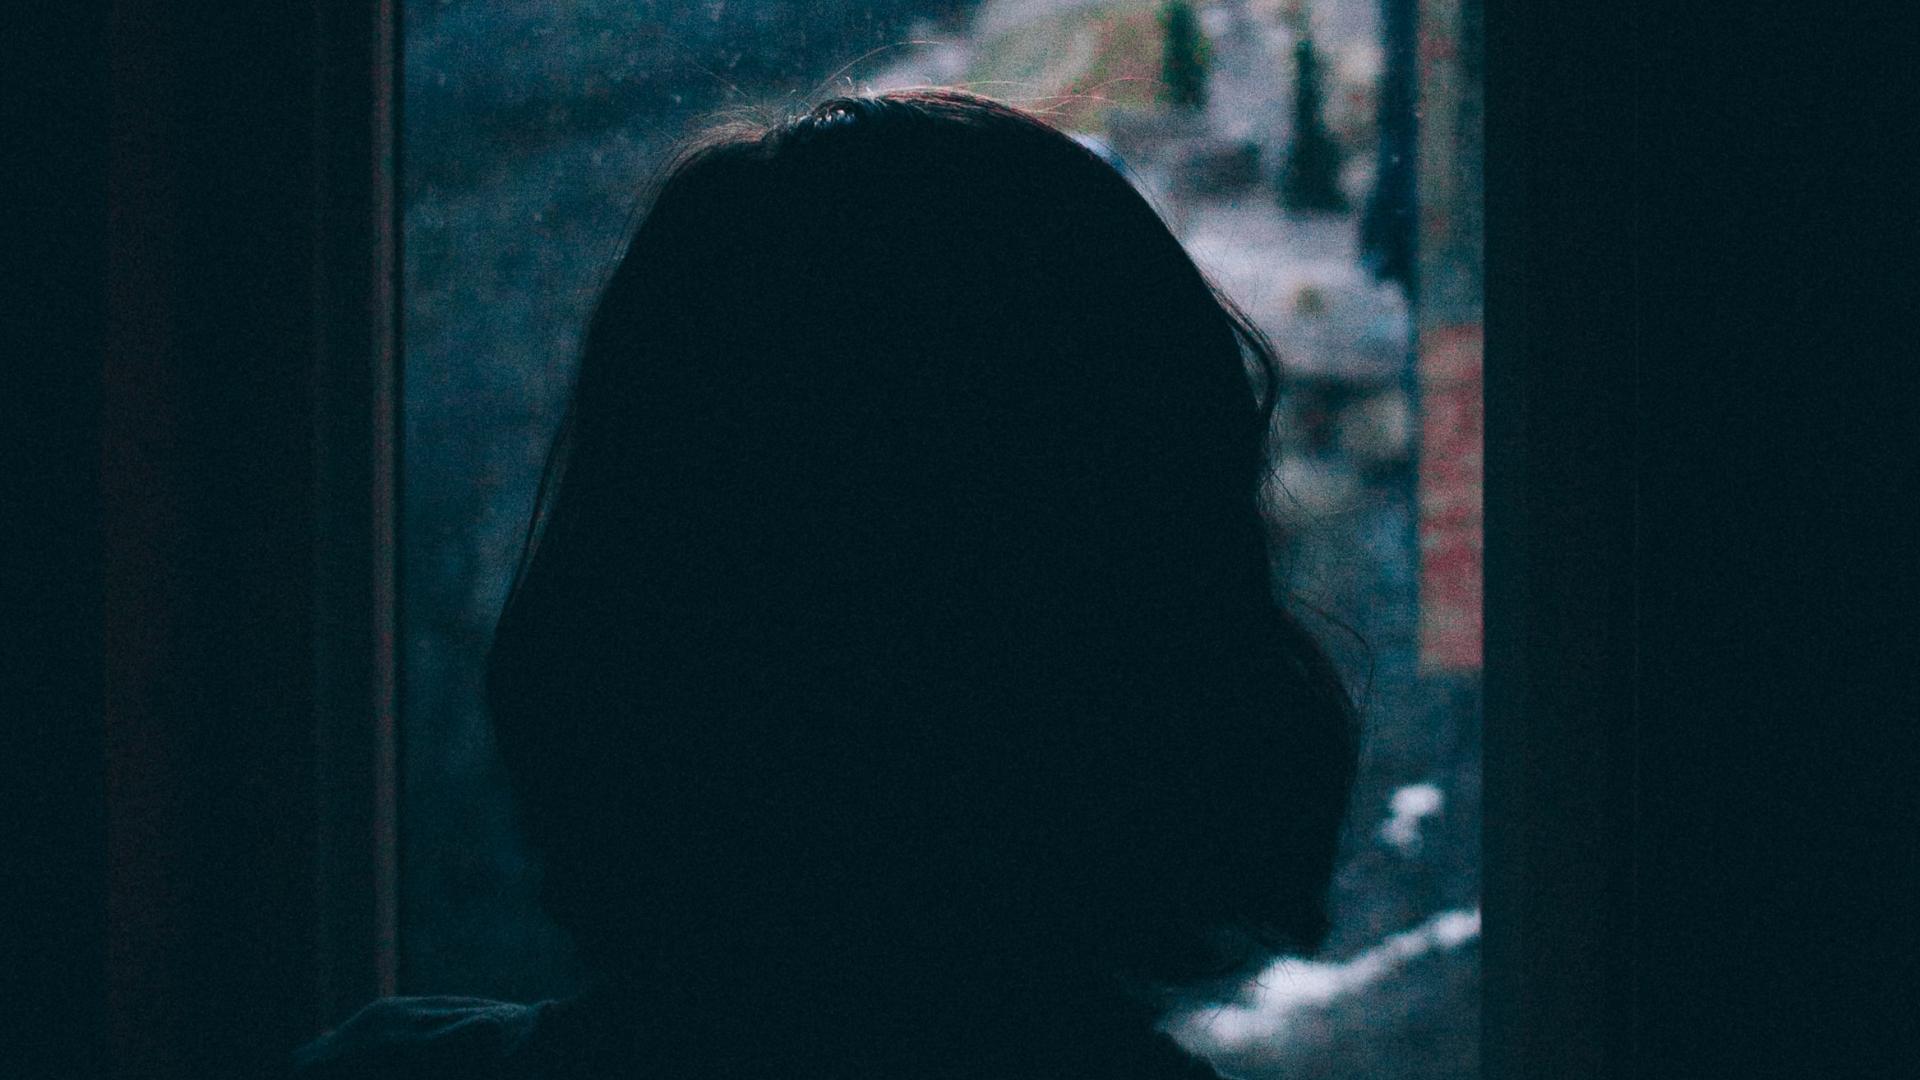 Frau vor Fenster